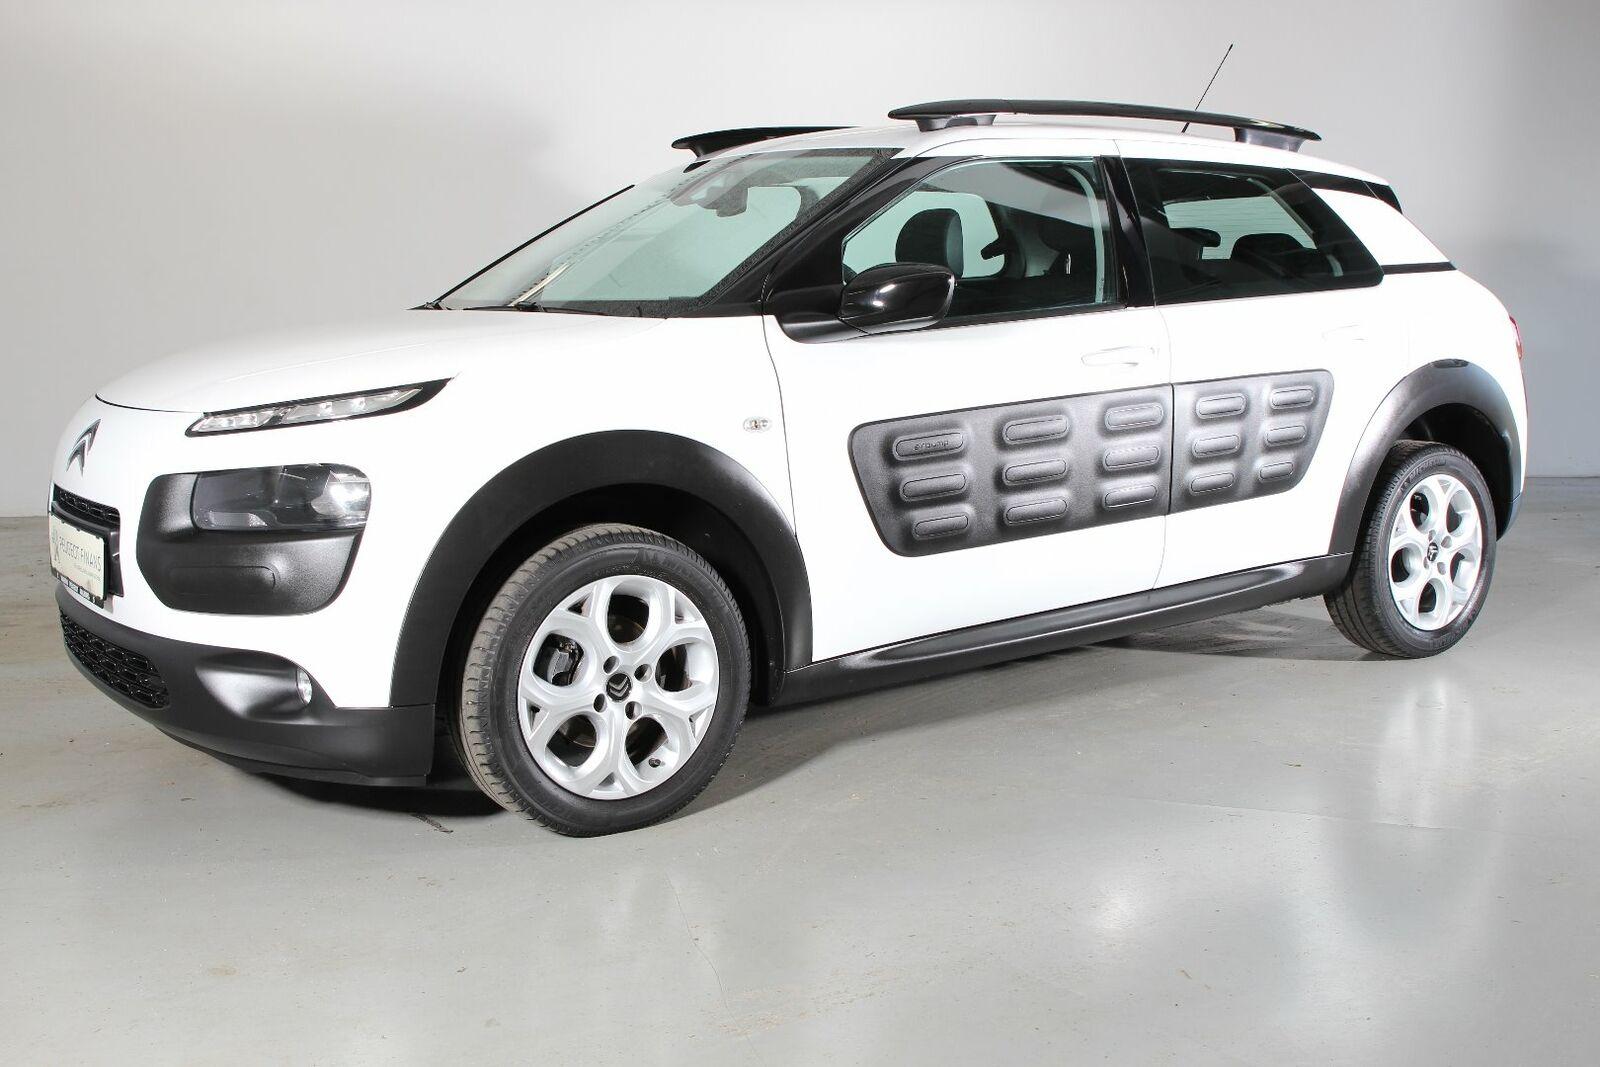 Citroën C4 Cactus 1,6 BlueHDi 100 Feel Complet 5d - 94.900 kr.